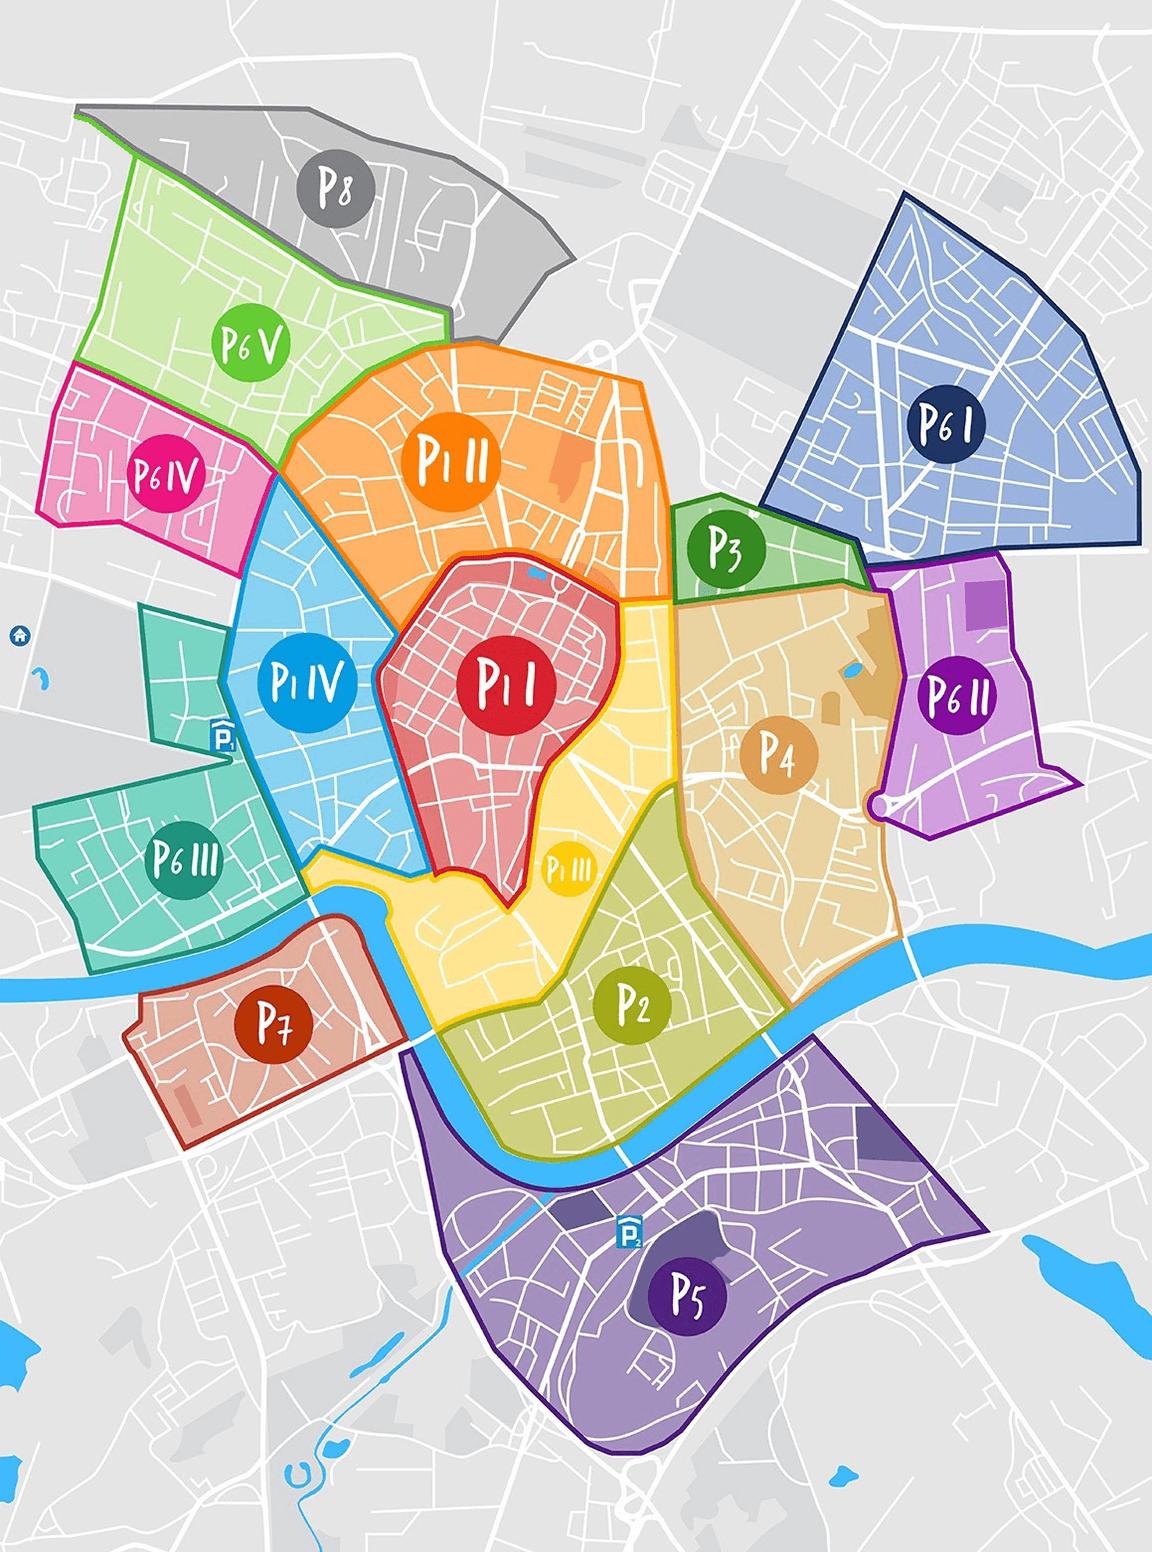 Зоны платной парковки Кракова. О подробном описании зон с улицами я читала на сайте городской инфраструктуры